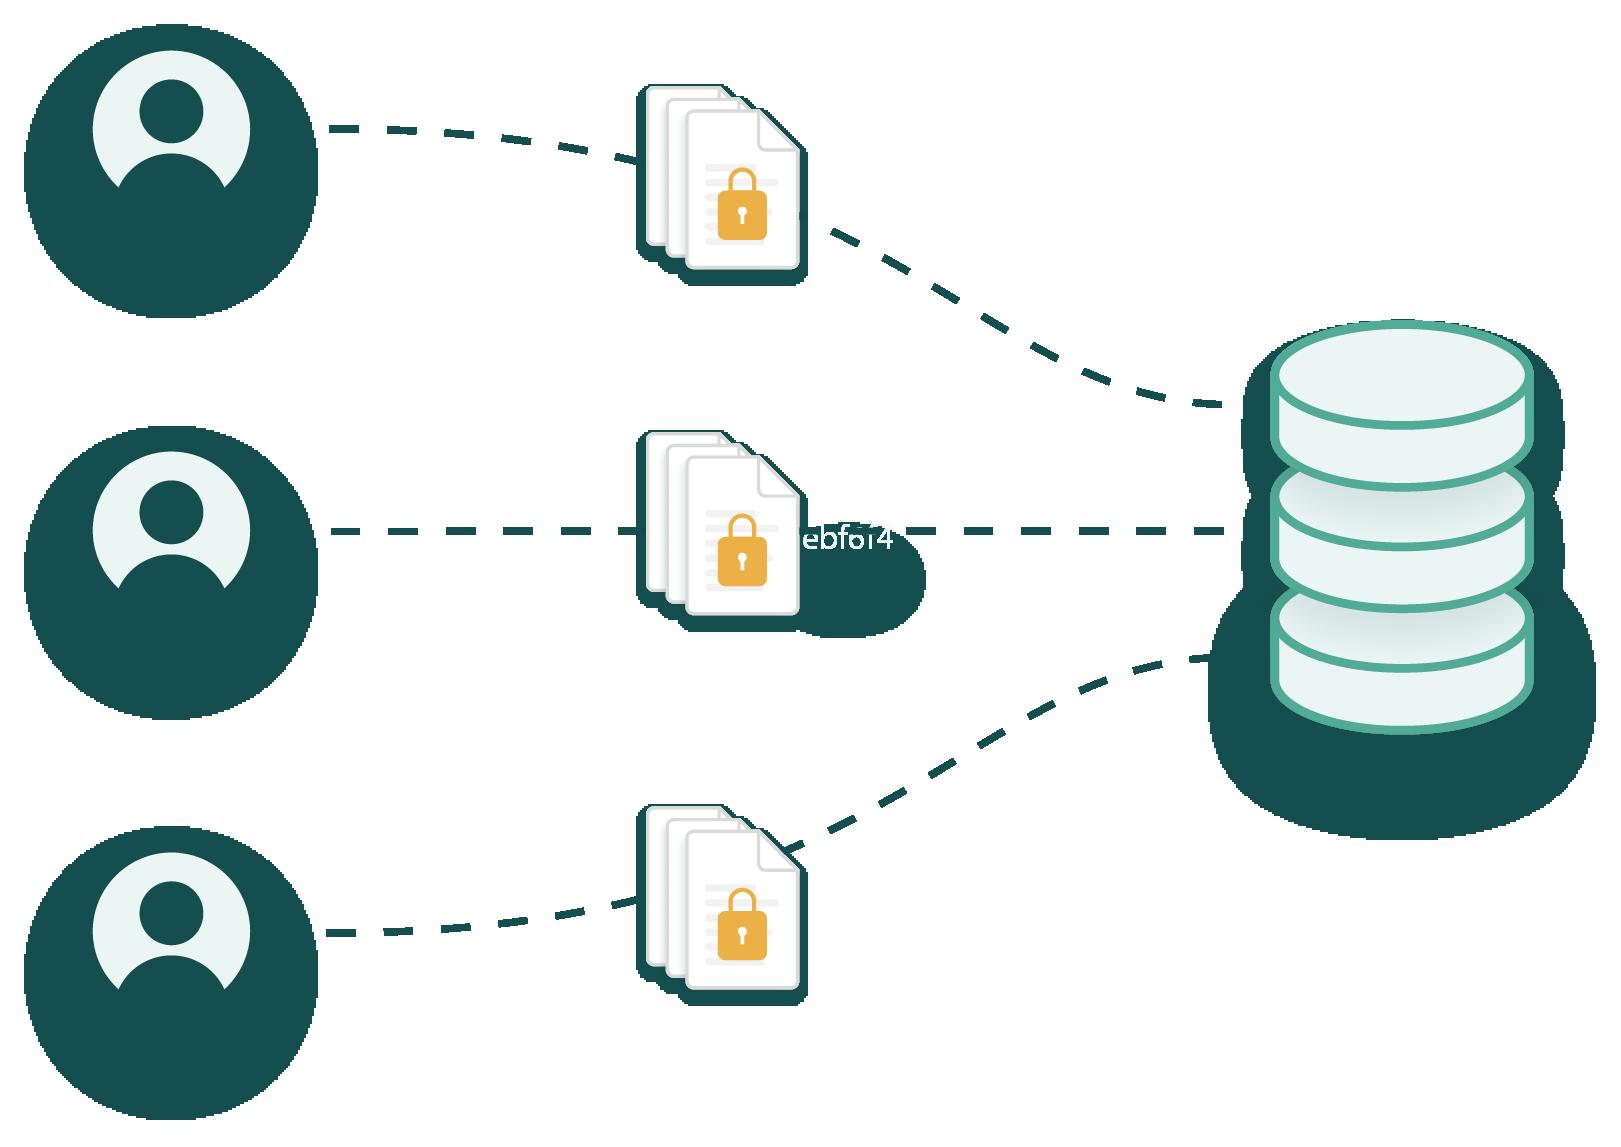 Security illustration of three users uploading data into one database